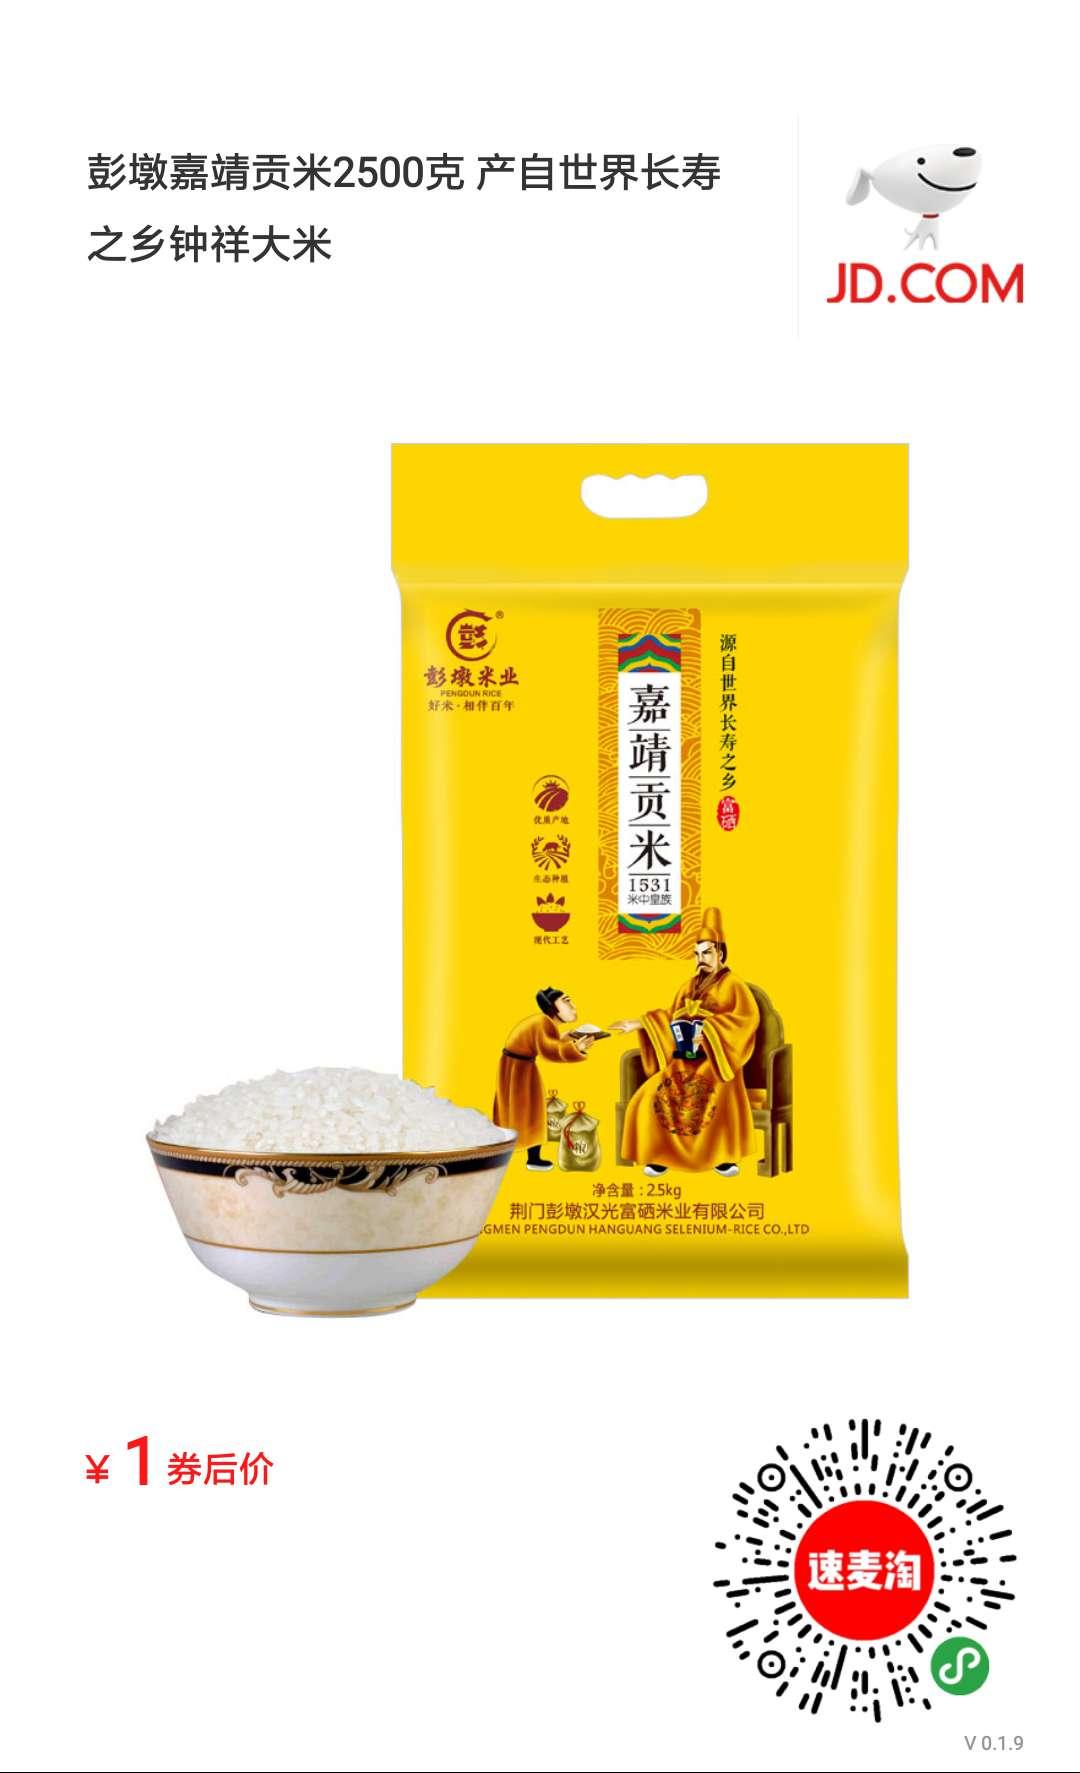 速麦淘:京东福利商品,全部一元包邮!